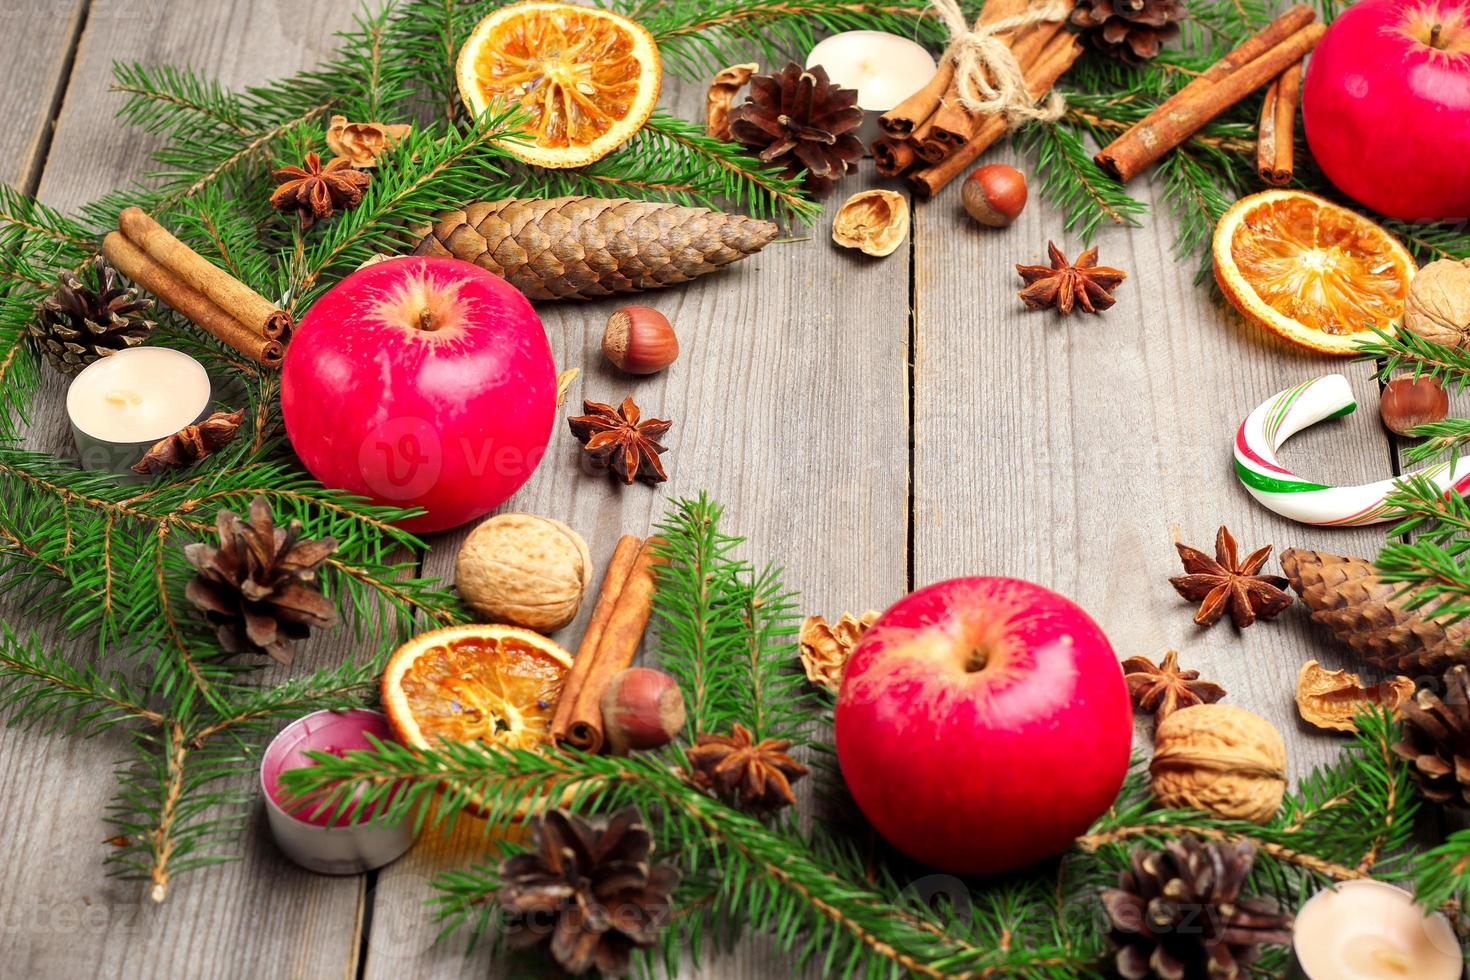 décoration de Noël avec sapin, oranges, cônes, épices, appl photo